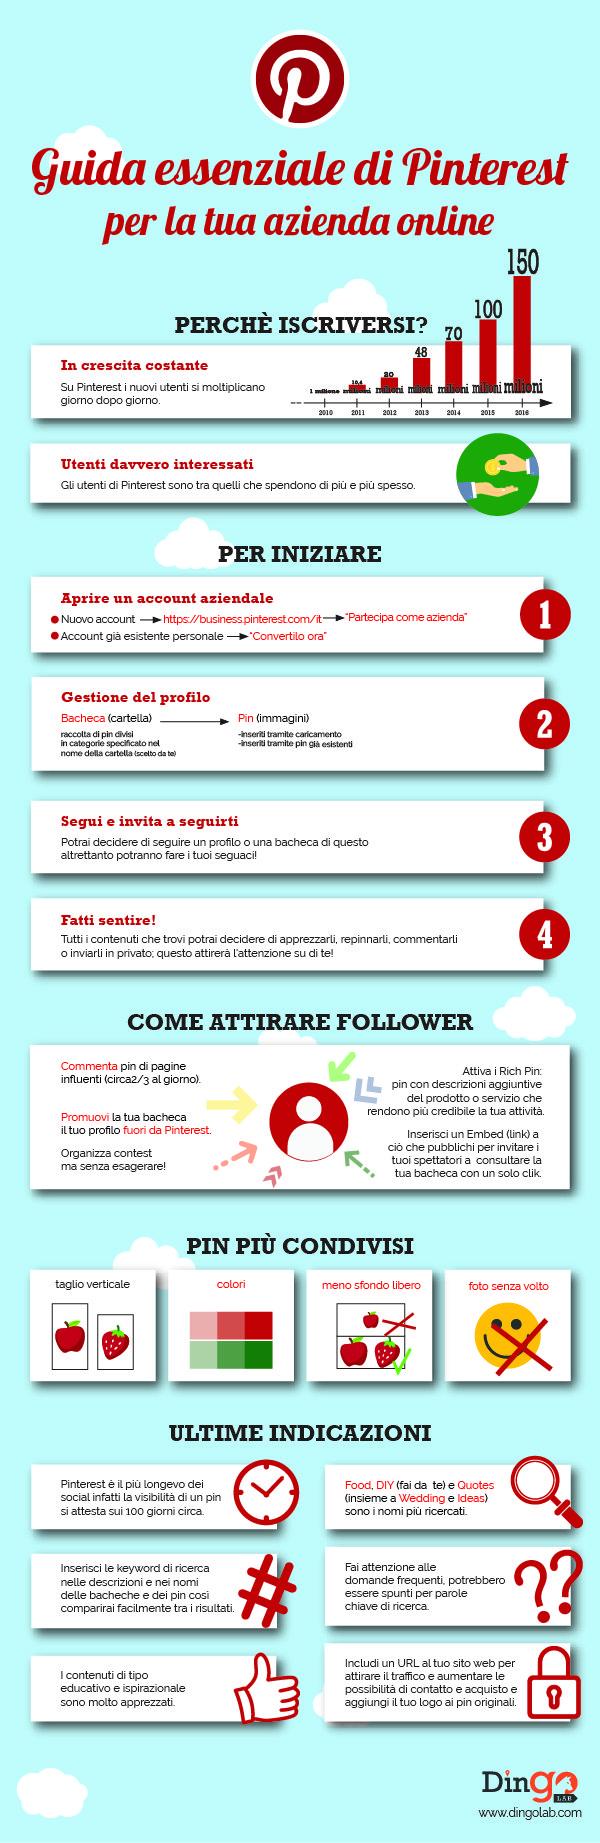 Guida essenziale di Pinterest